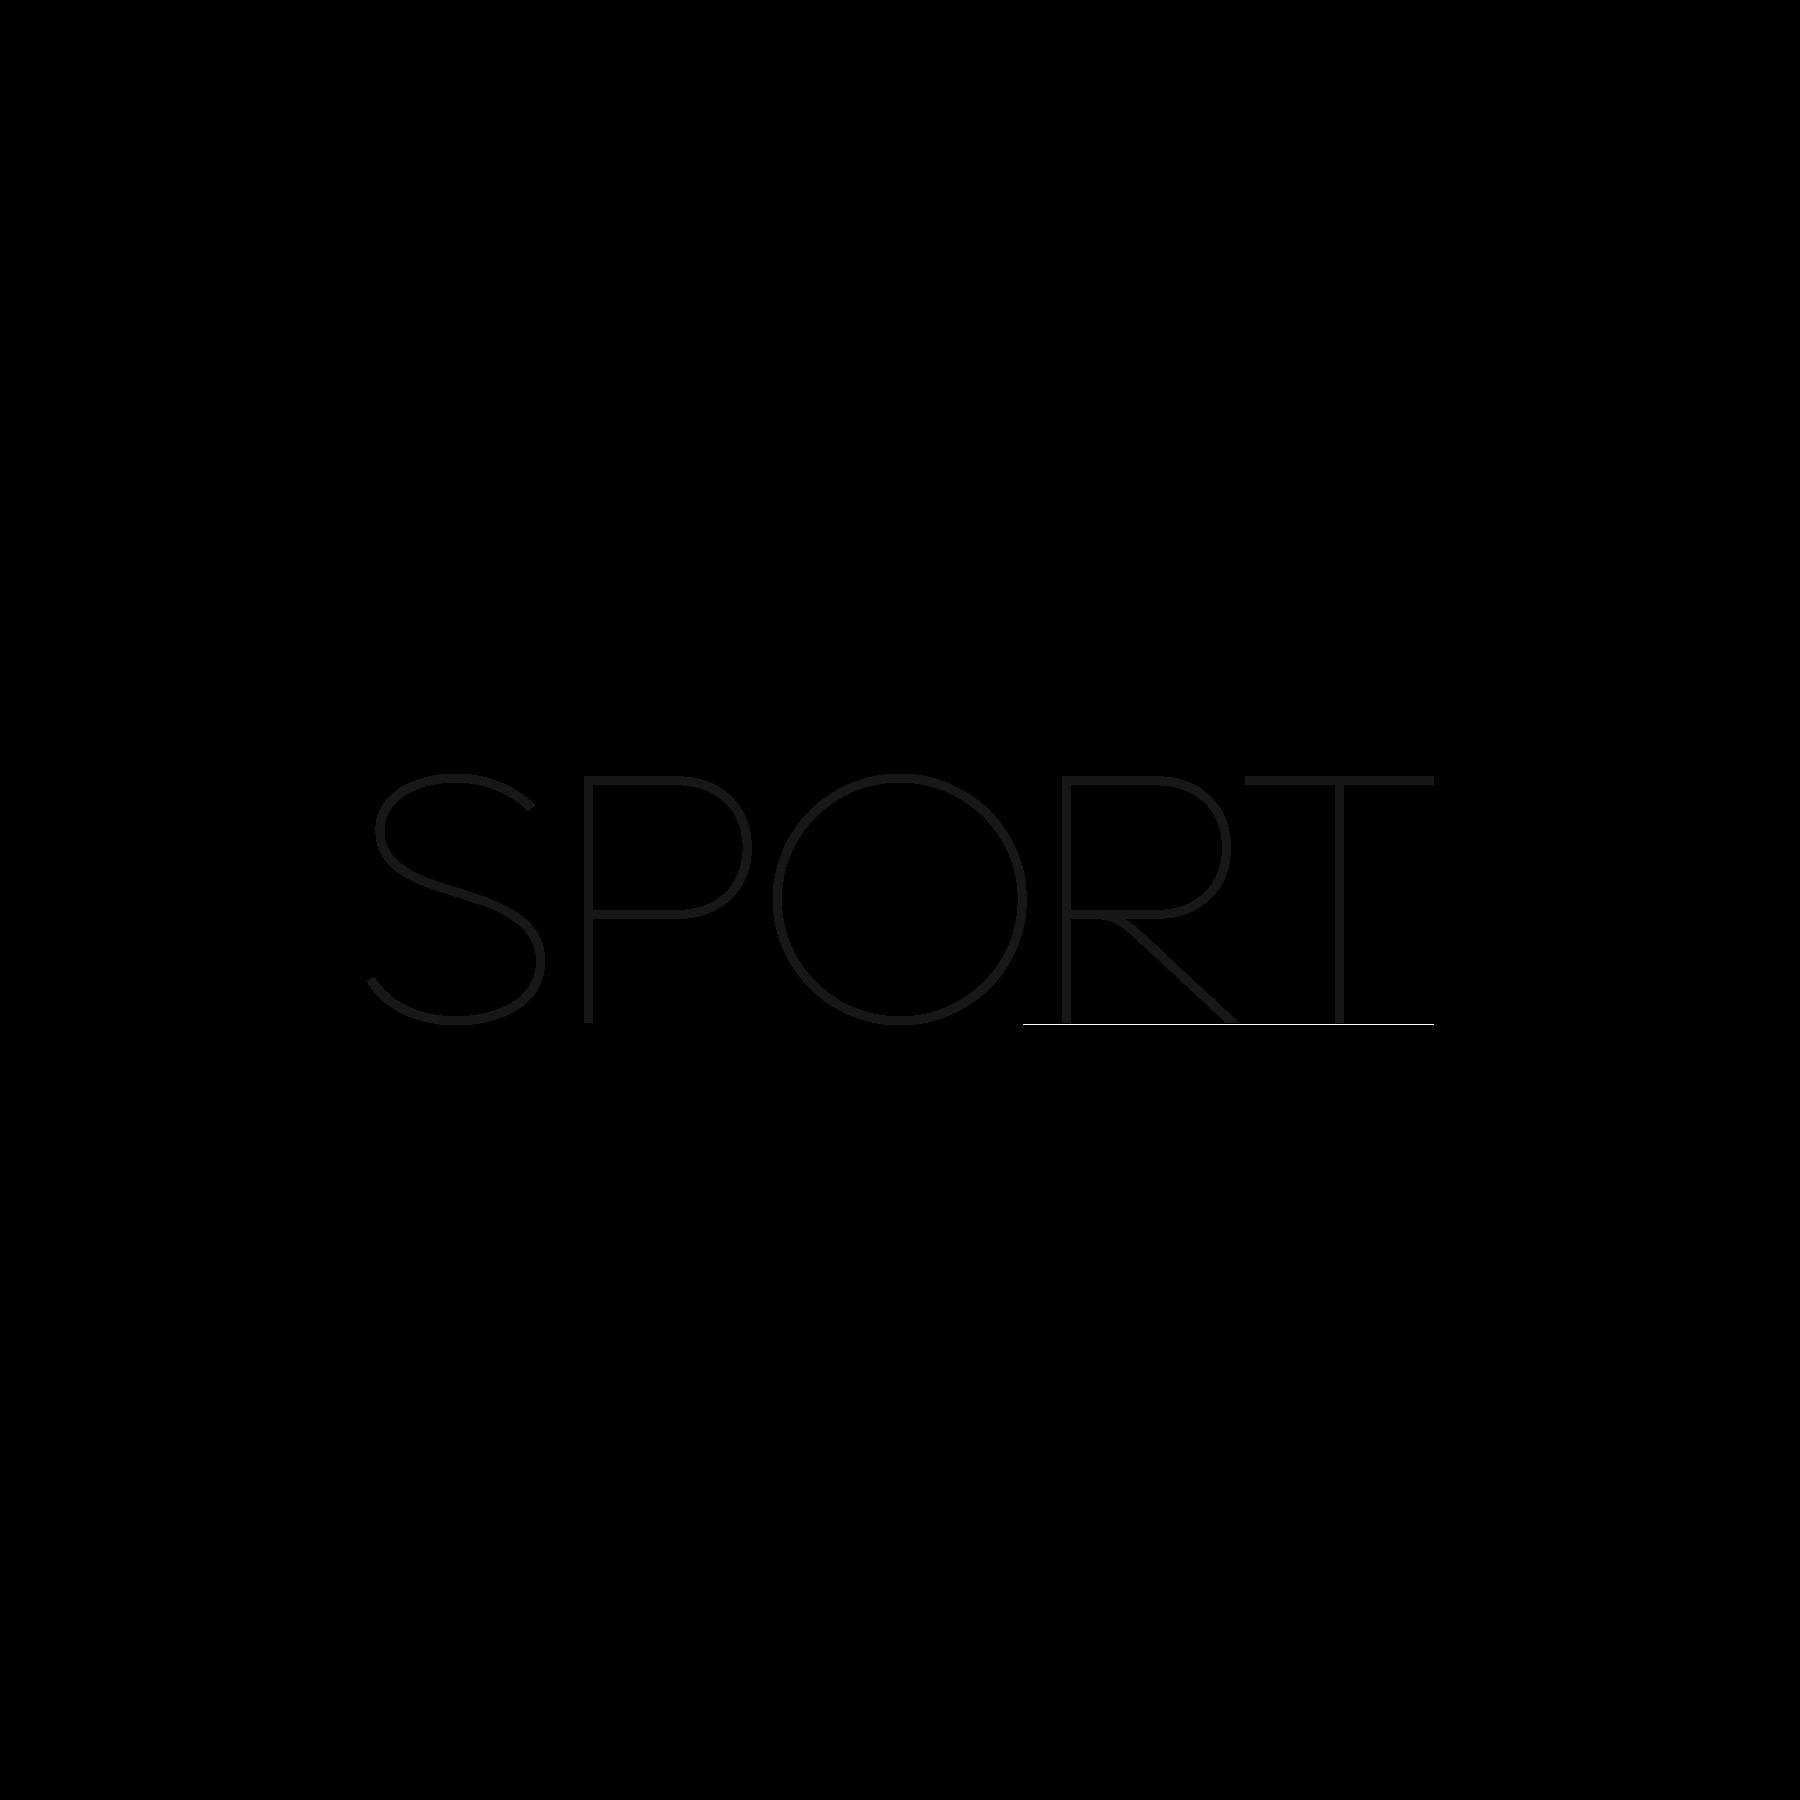 Sport_1800x1800px